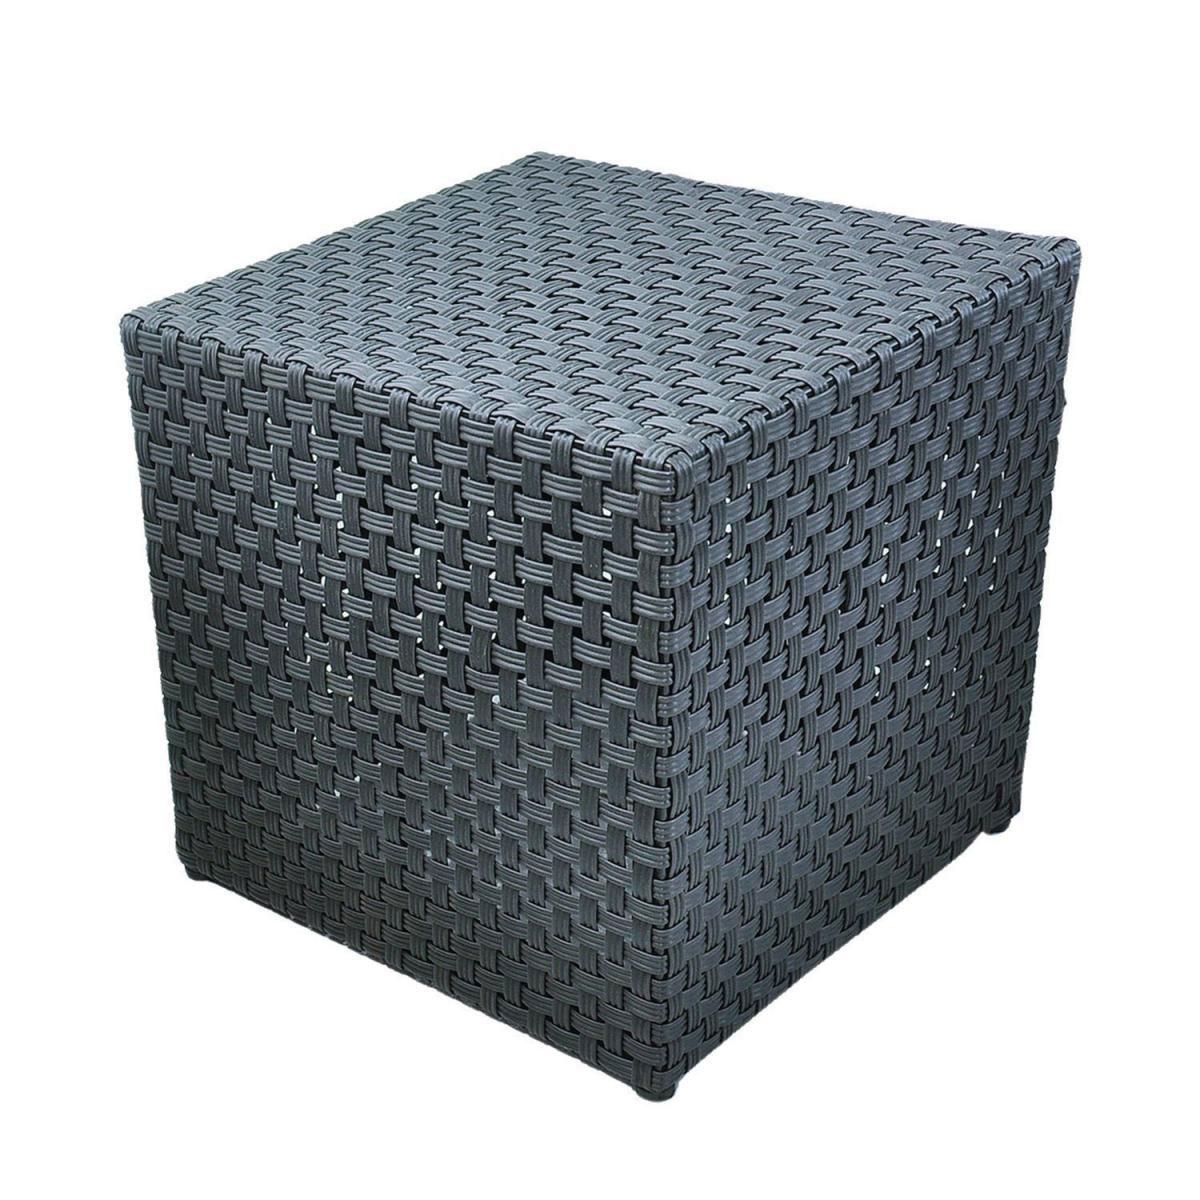 Gartenstühle - Sitzwürfel, 29x29x29cm, schwarz  - Onlineshop Hellweg